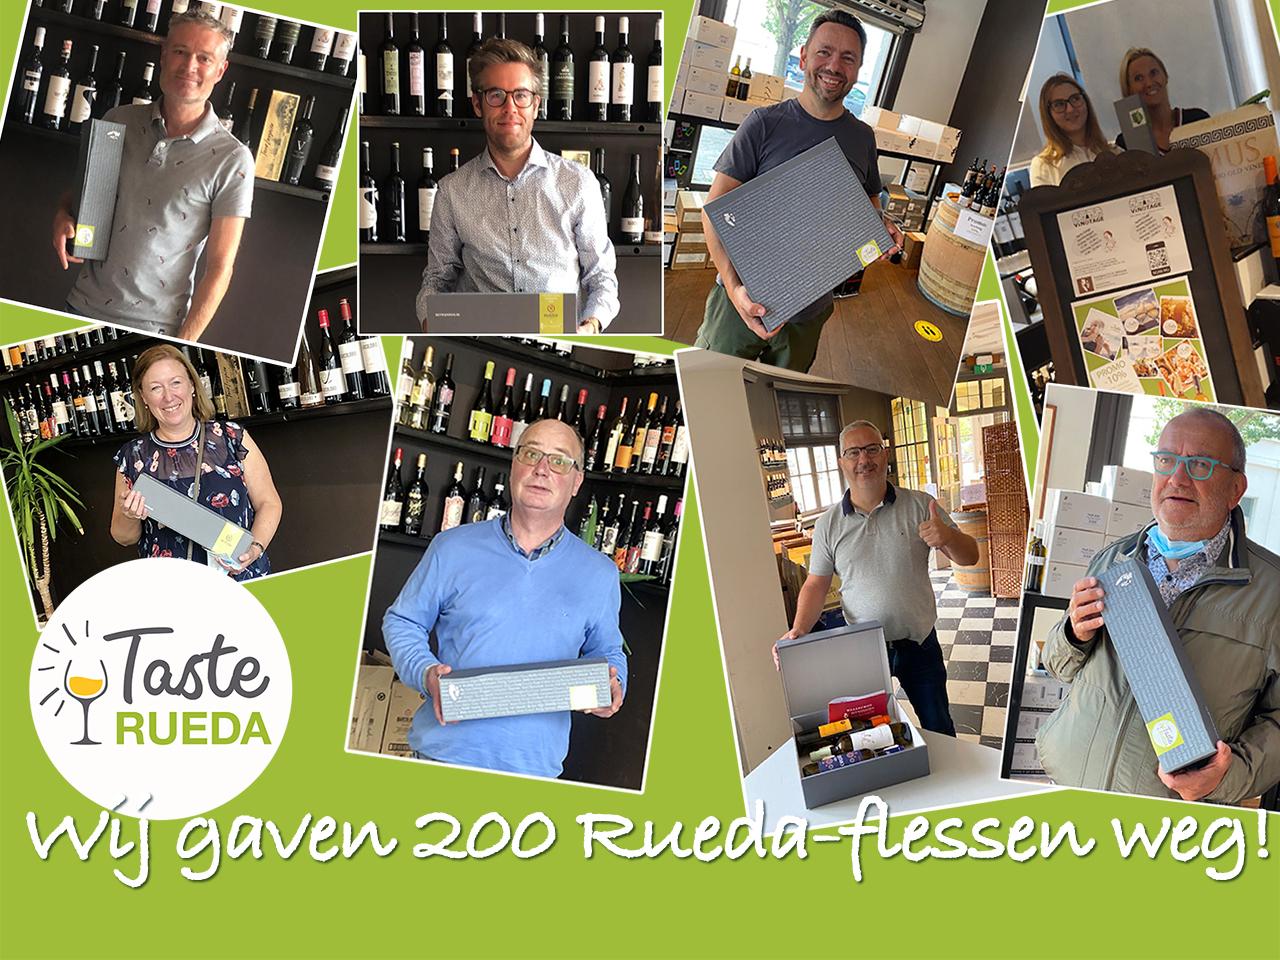 Rueda Spaanse wijn wijnpakketten proefboxen wijnboxen lekkere geschenken